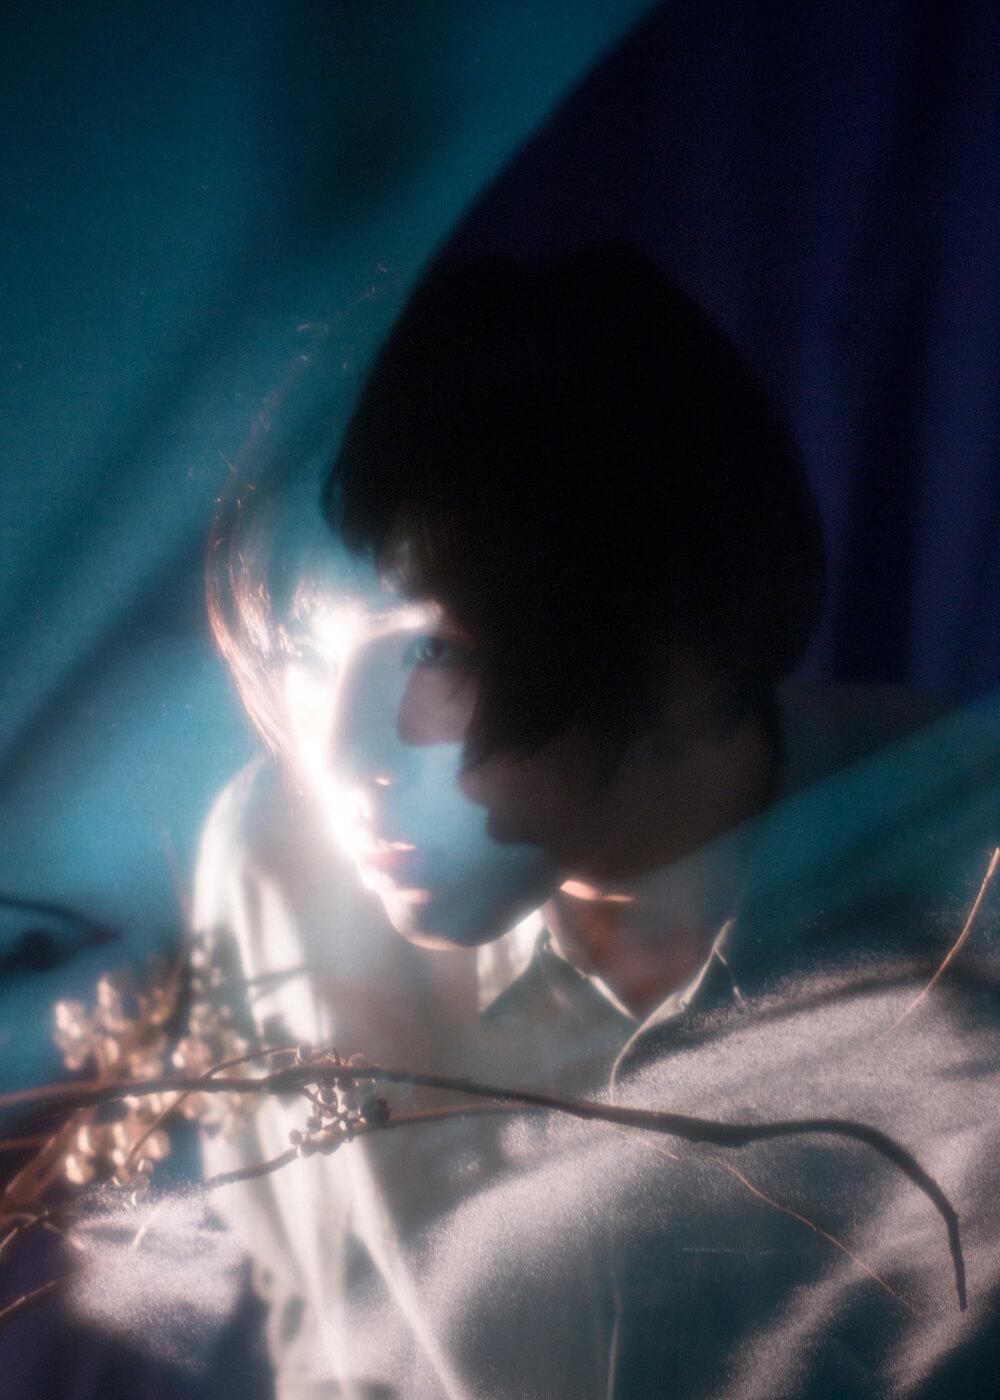 対談:水野蒼生 × 君島大空|現代の音楽家が180年前の楽曲を再構築した先にあった奇跡の巡り合わせ interview210405_mizuno-kimishima-10